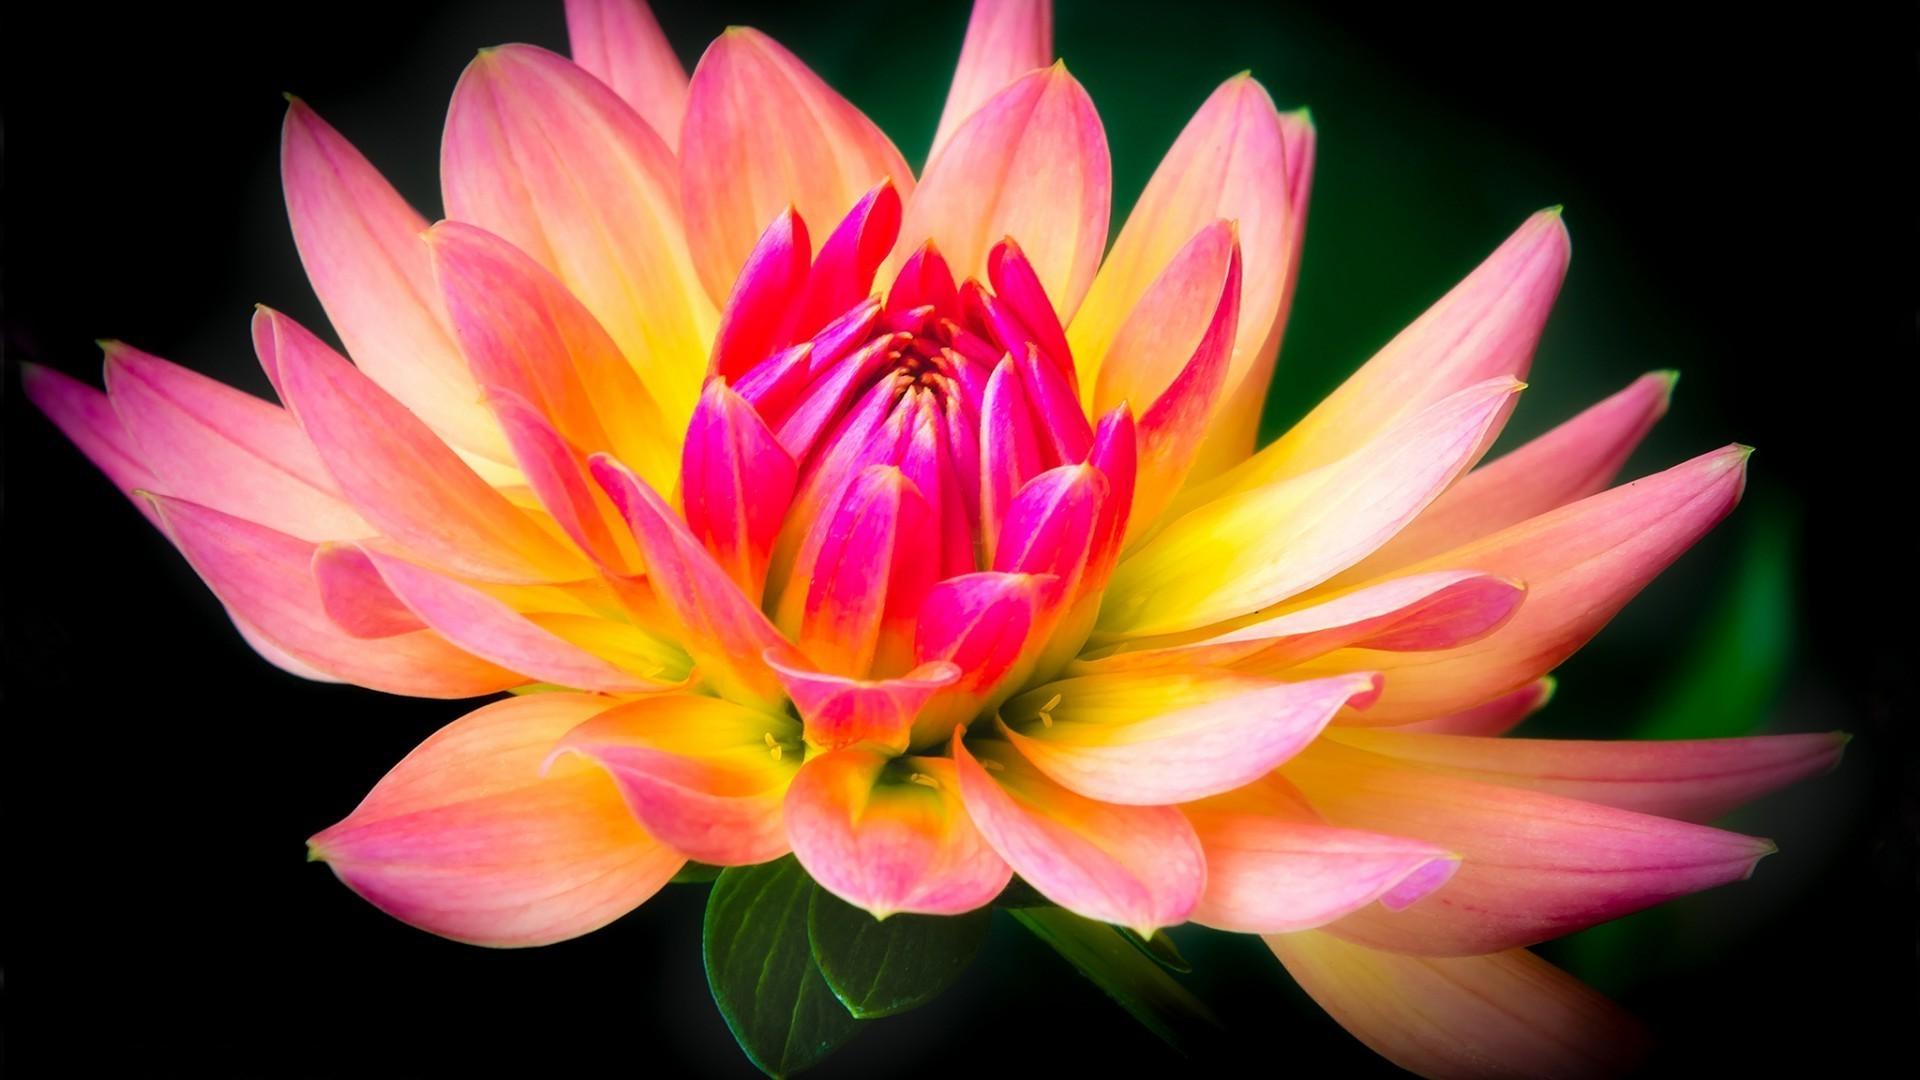 видео как вырастает цветок